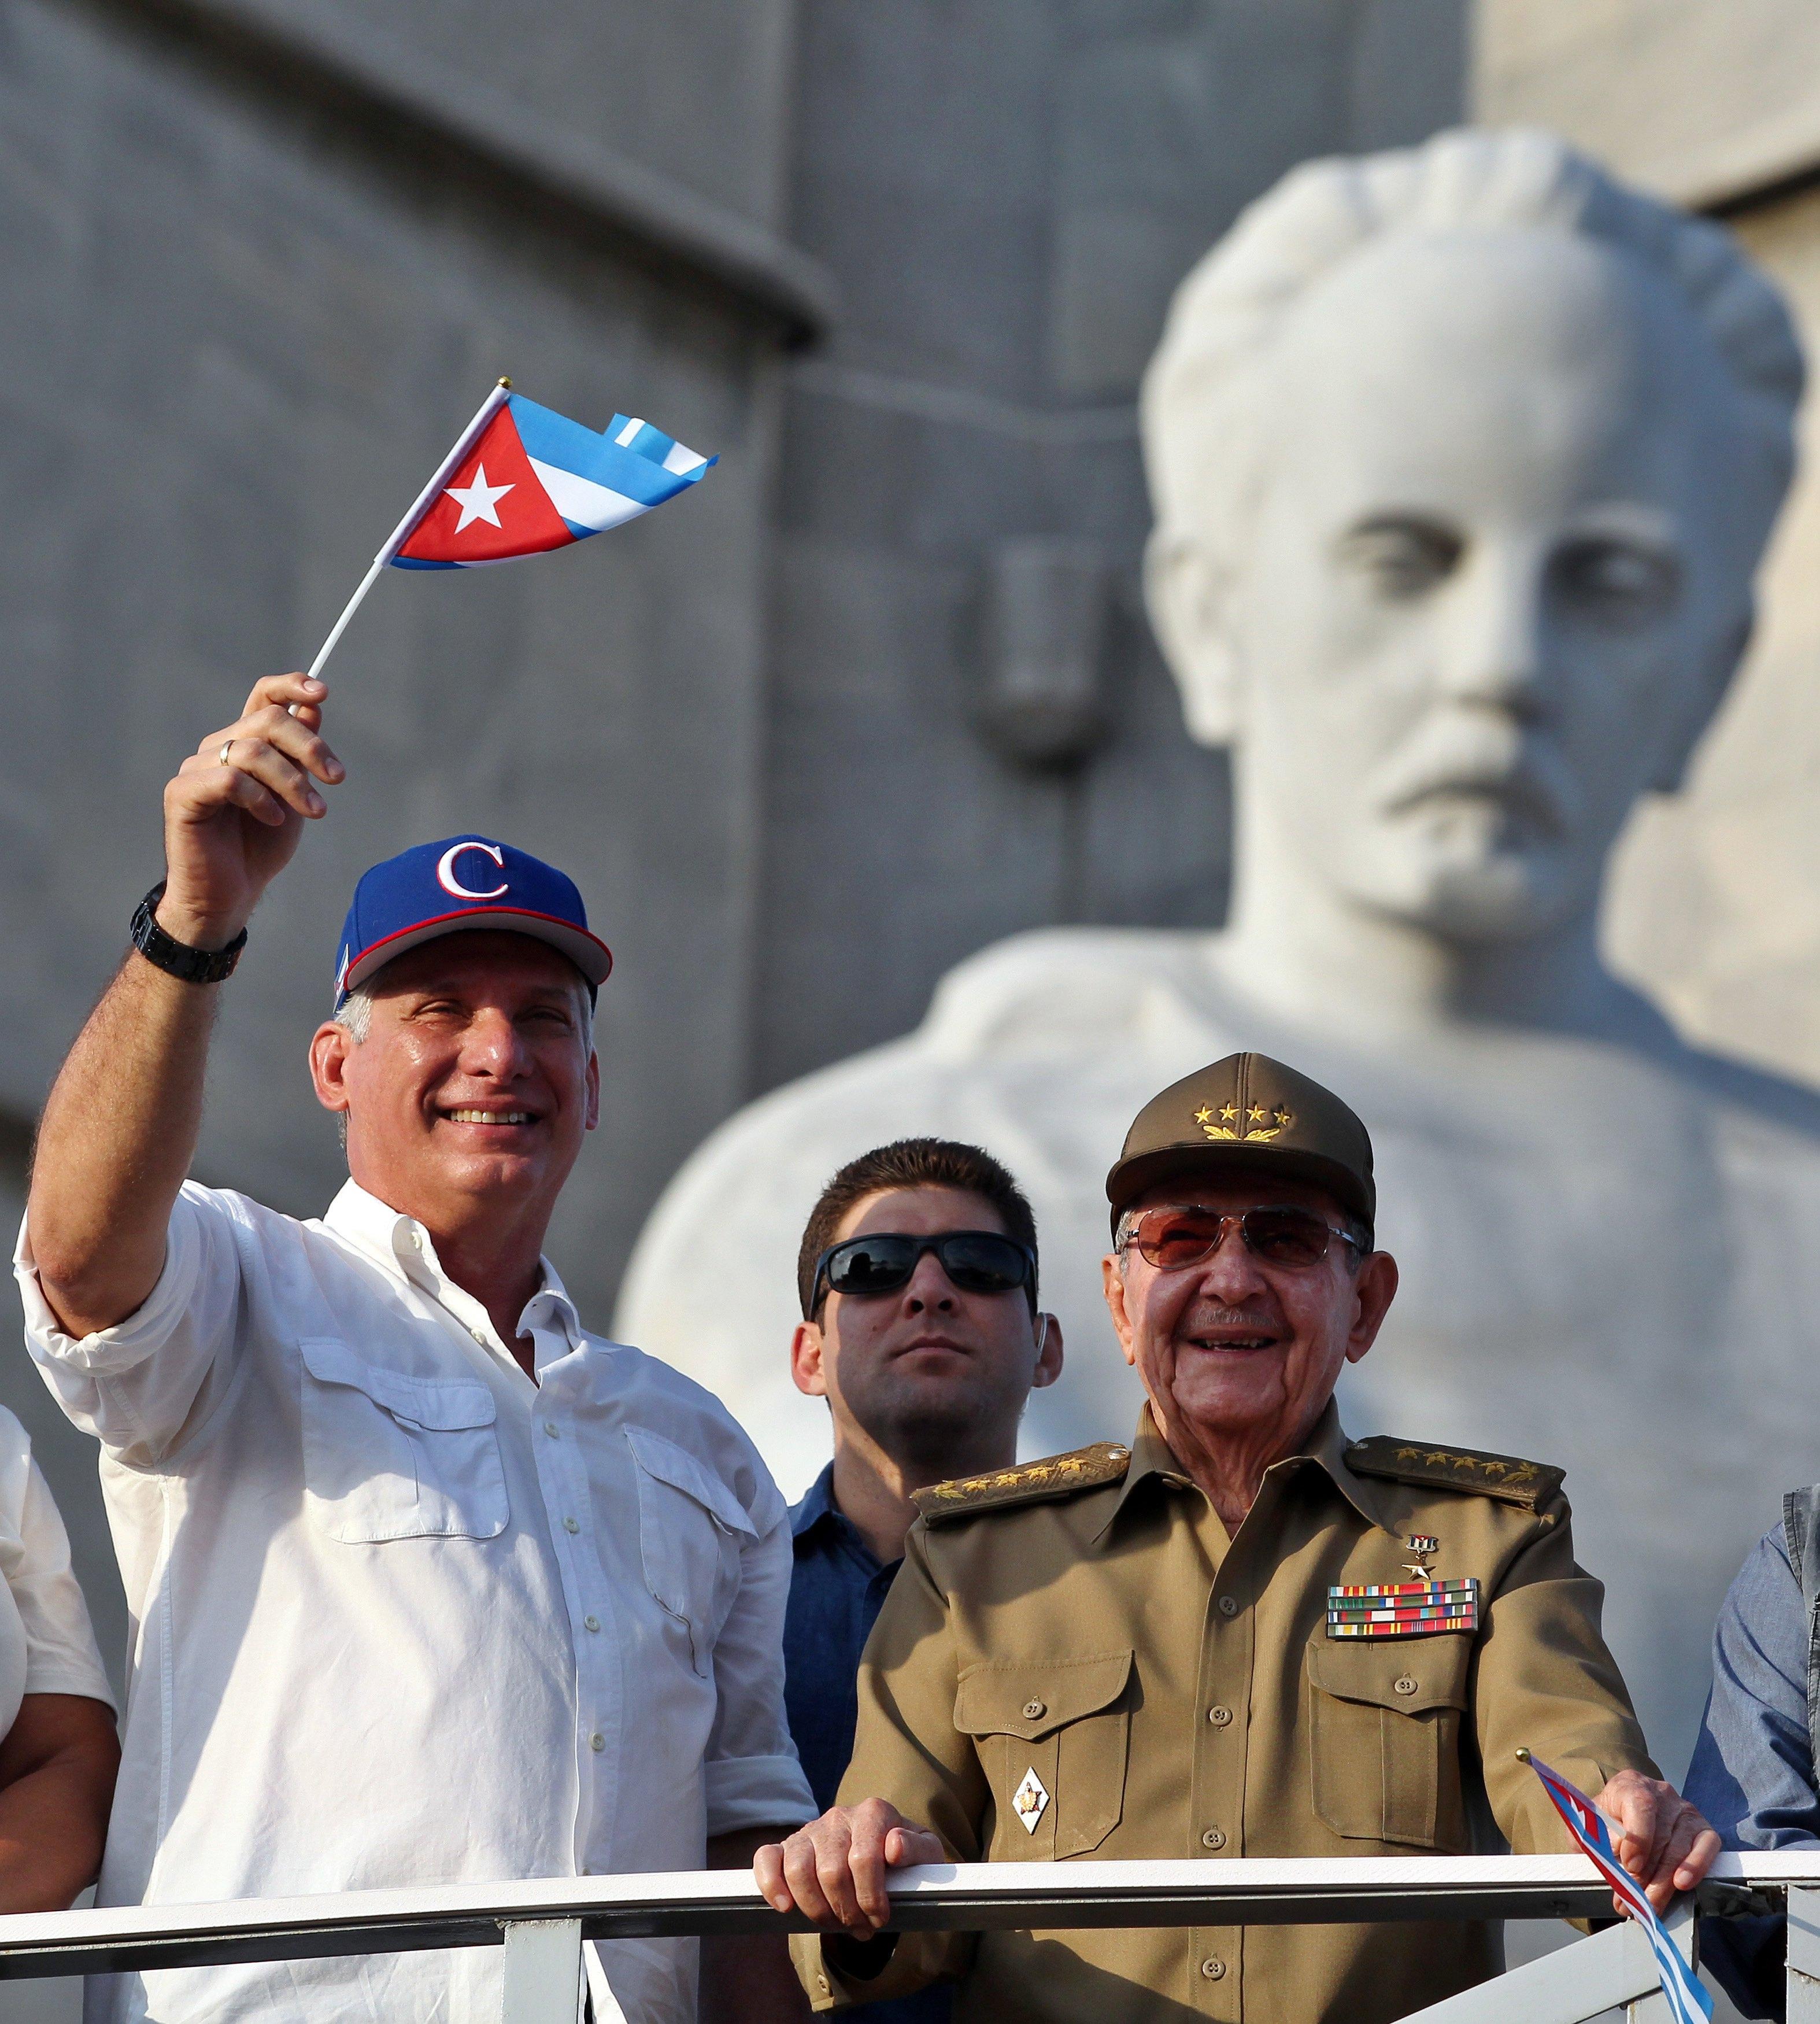 Castro i Diaz-Canel zajedno na proslavi Dana rada, pokazajući kontinuitet